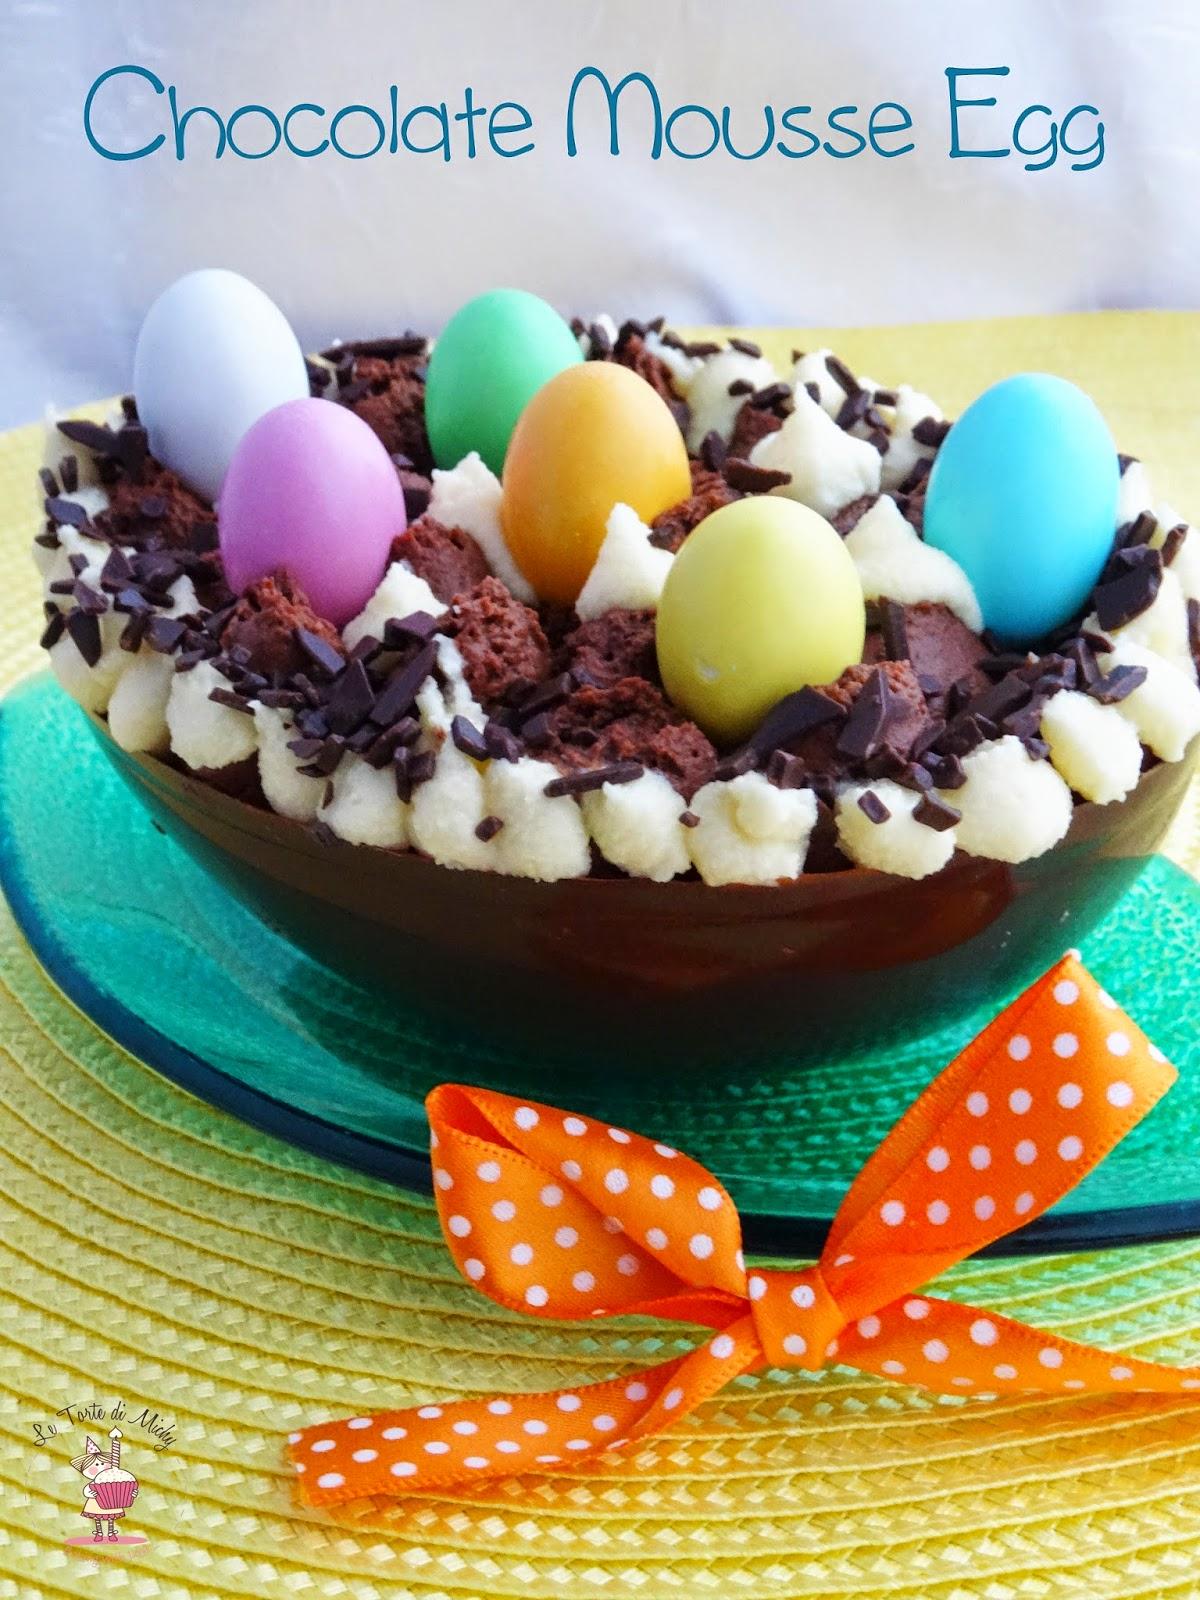 uova di pasqua ripiene di mousse al cioccolato (chocolate mousse egg)